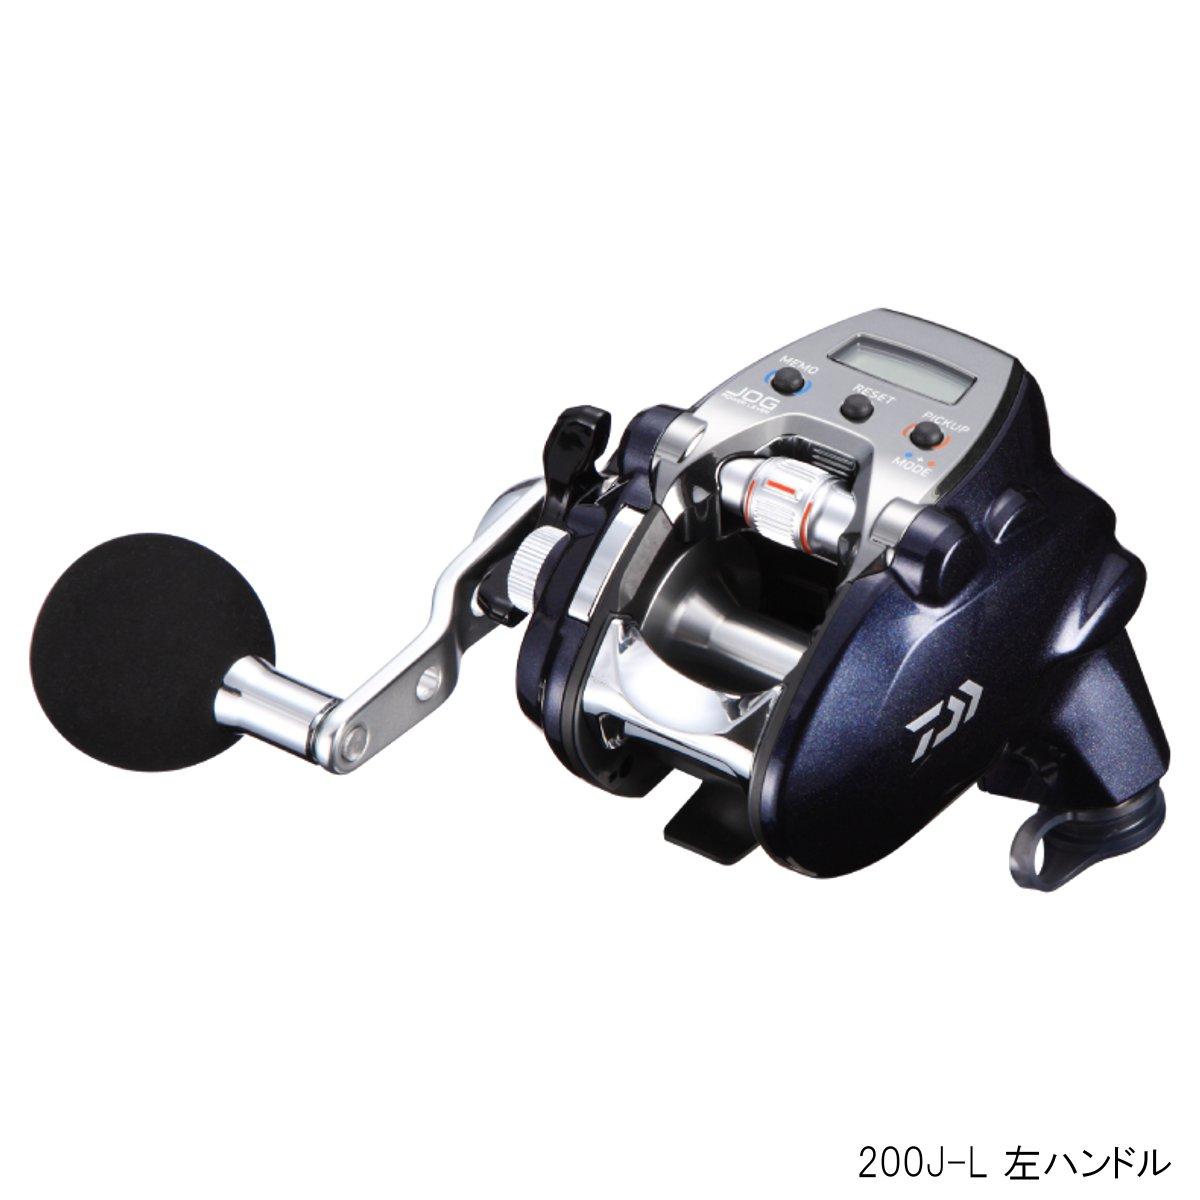 ダイワ レオブリッツ 200J-L 左ハンドル【送料無料】